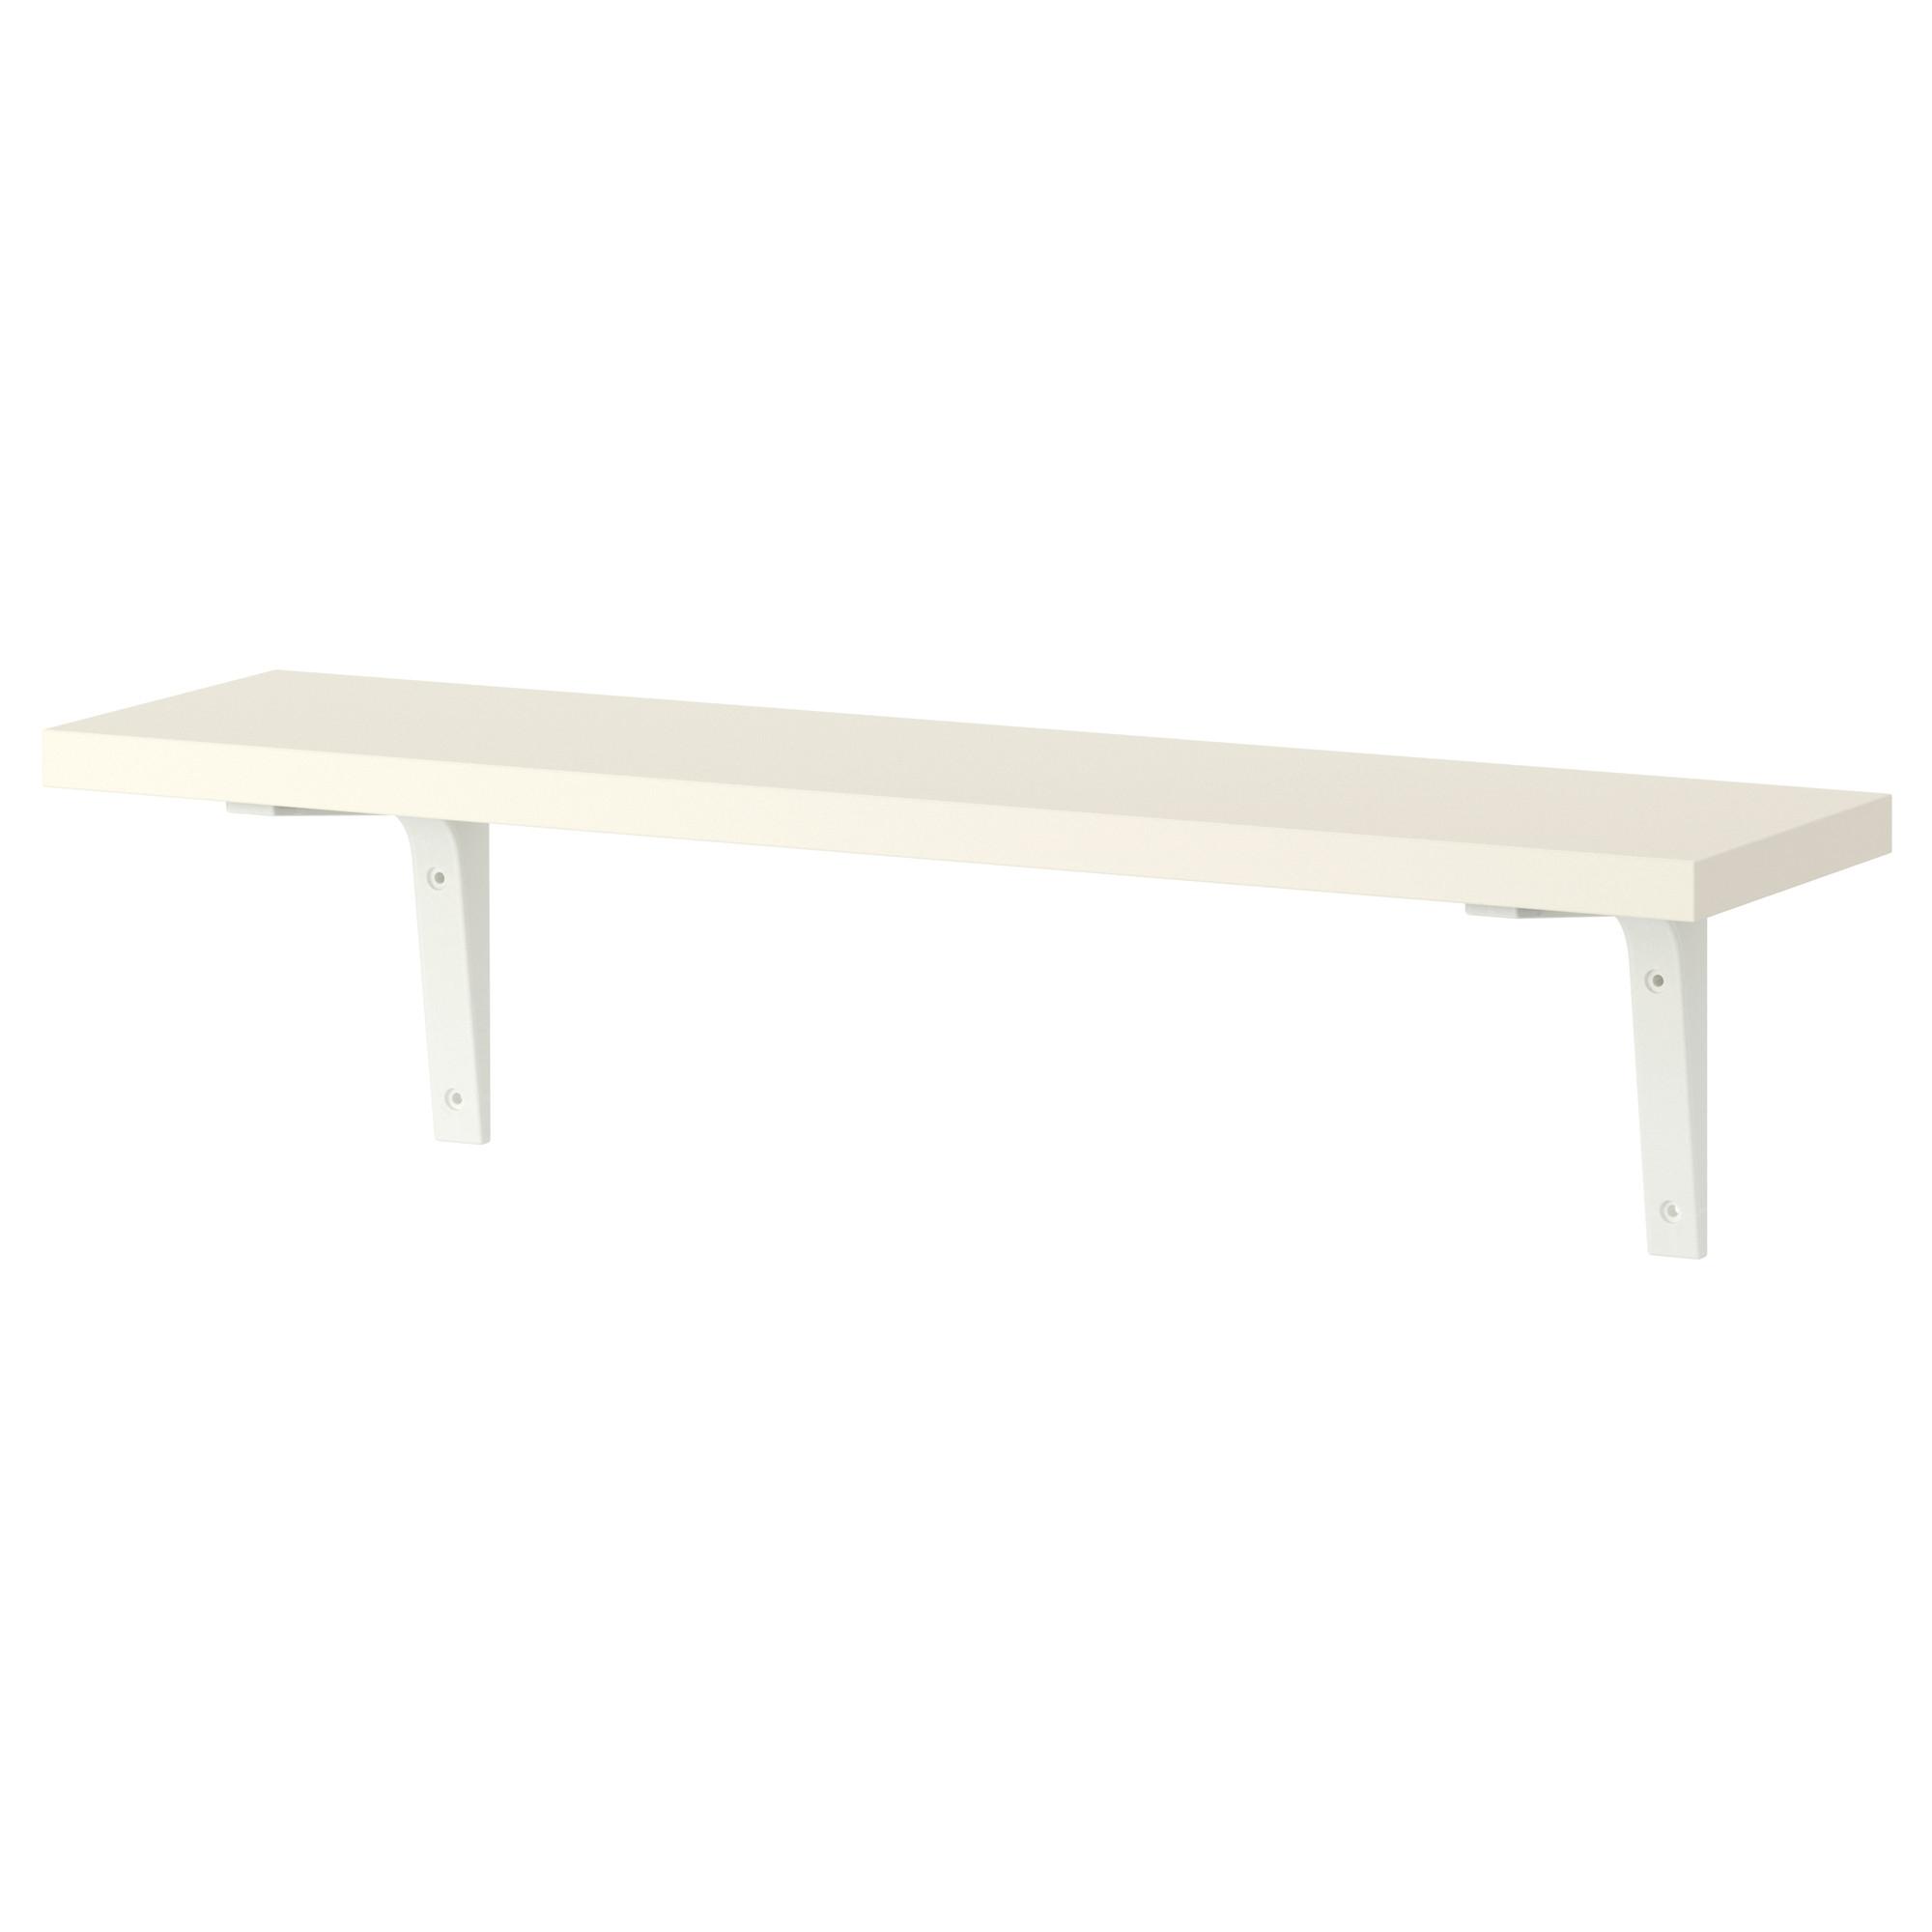 Wall Shelves Shelf Brackets Ikea Intended For Wall Shelf (Image 14 of 15)